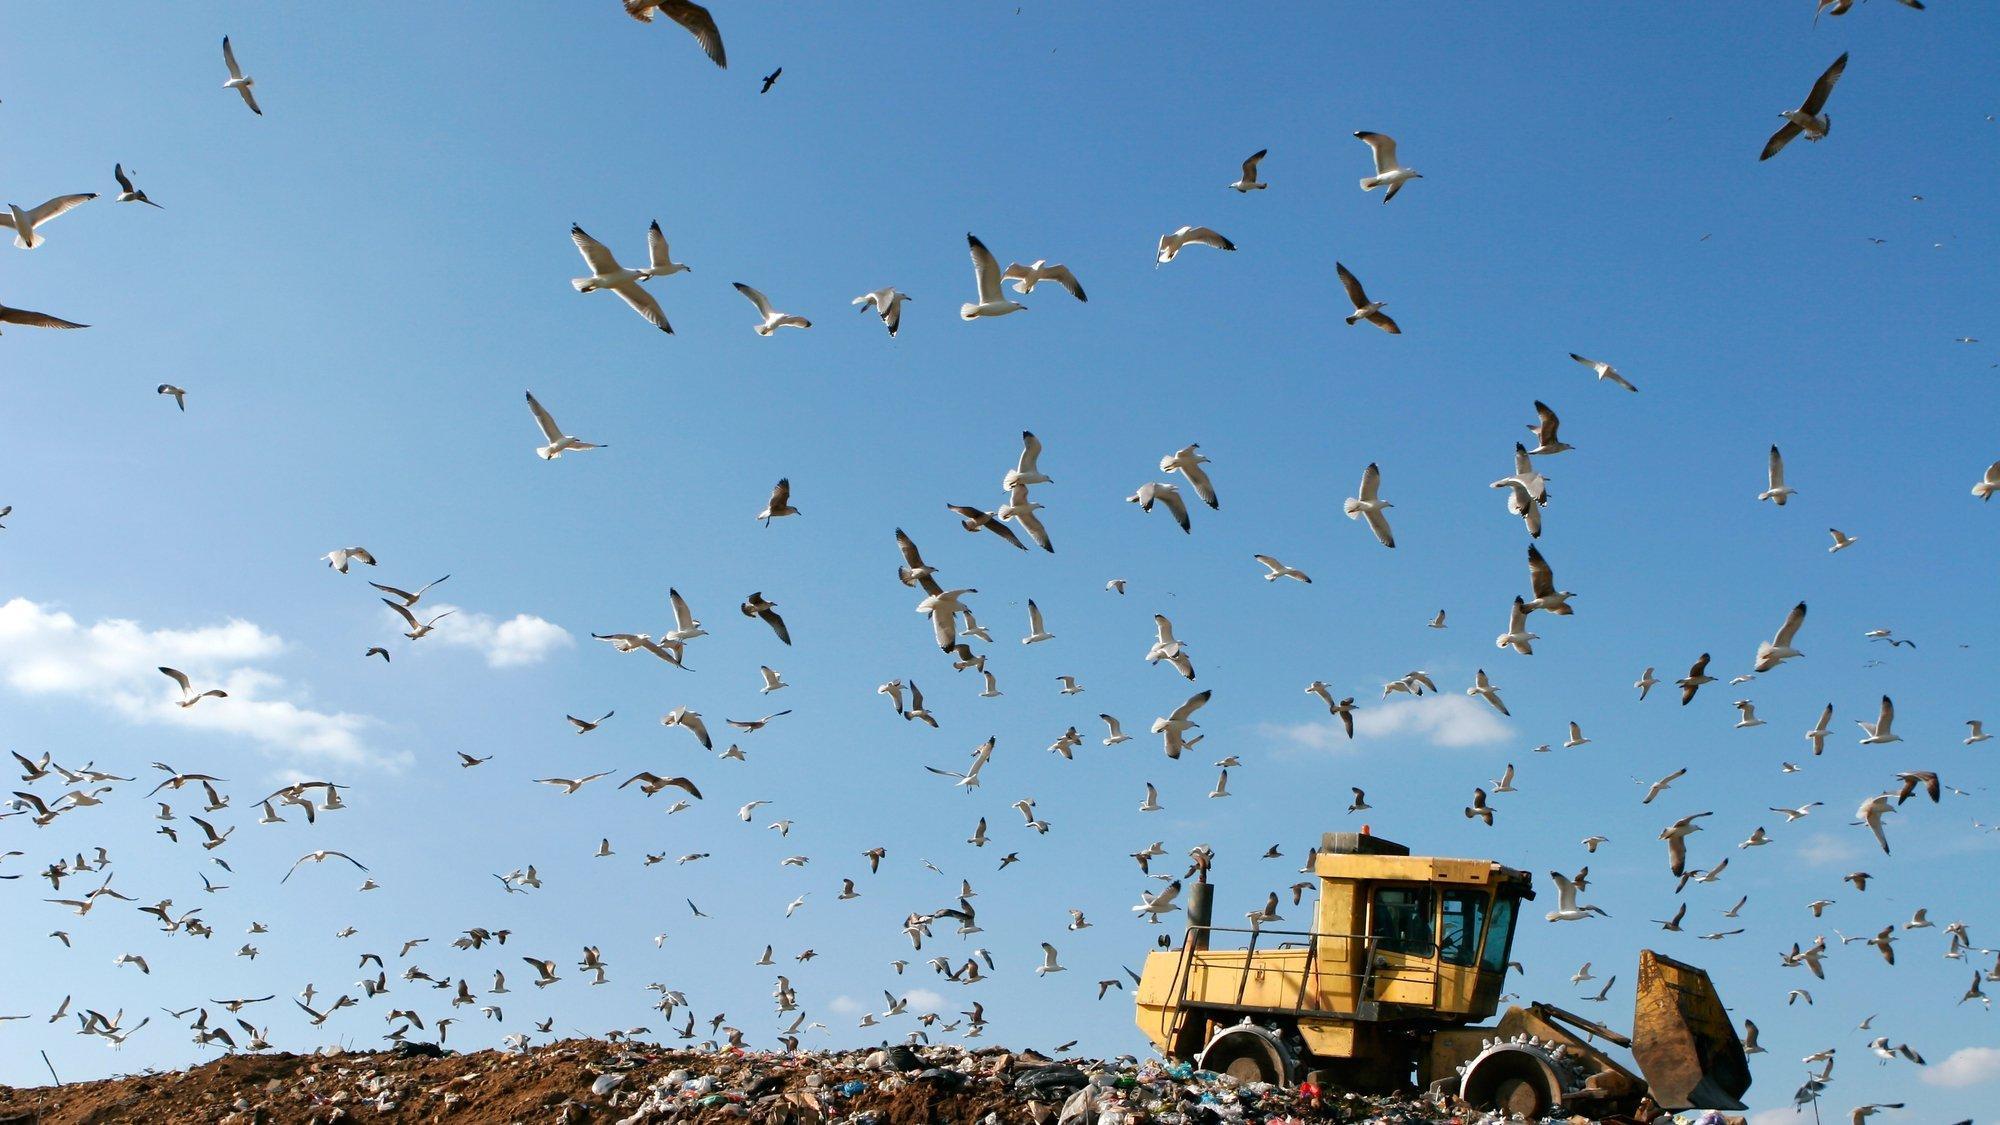 Möwen fliegen über einer Müllkippe, auf der ein Bulldozer steht.